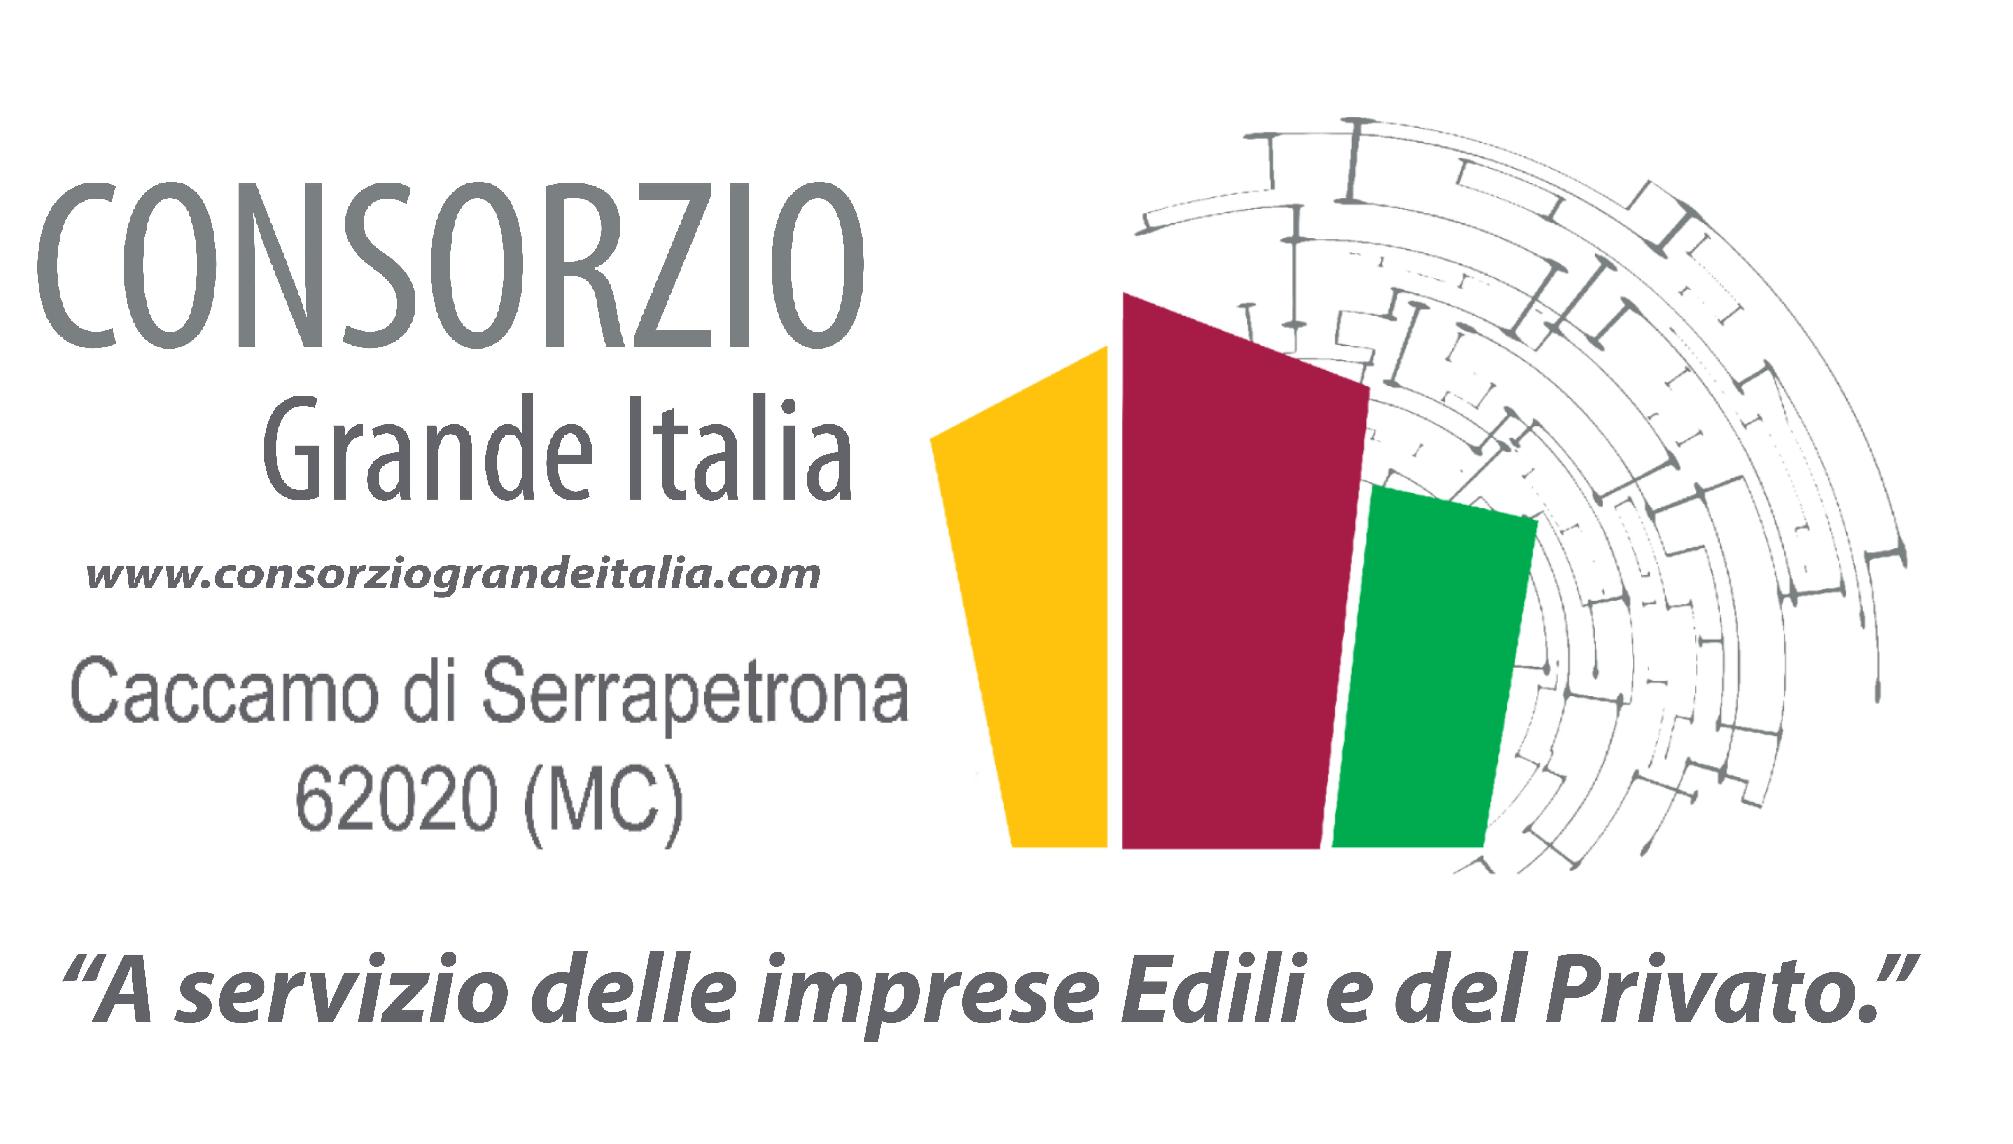 Consorzio Grande Italia